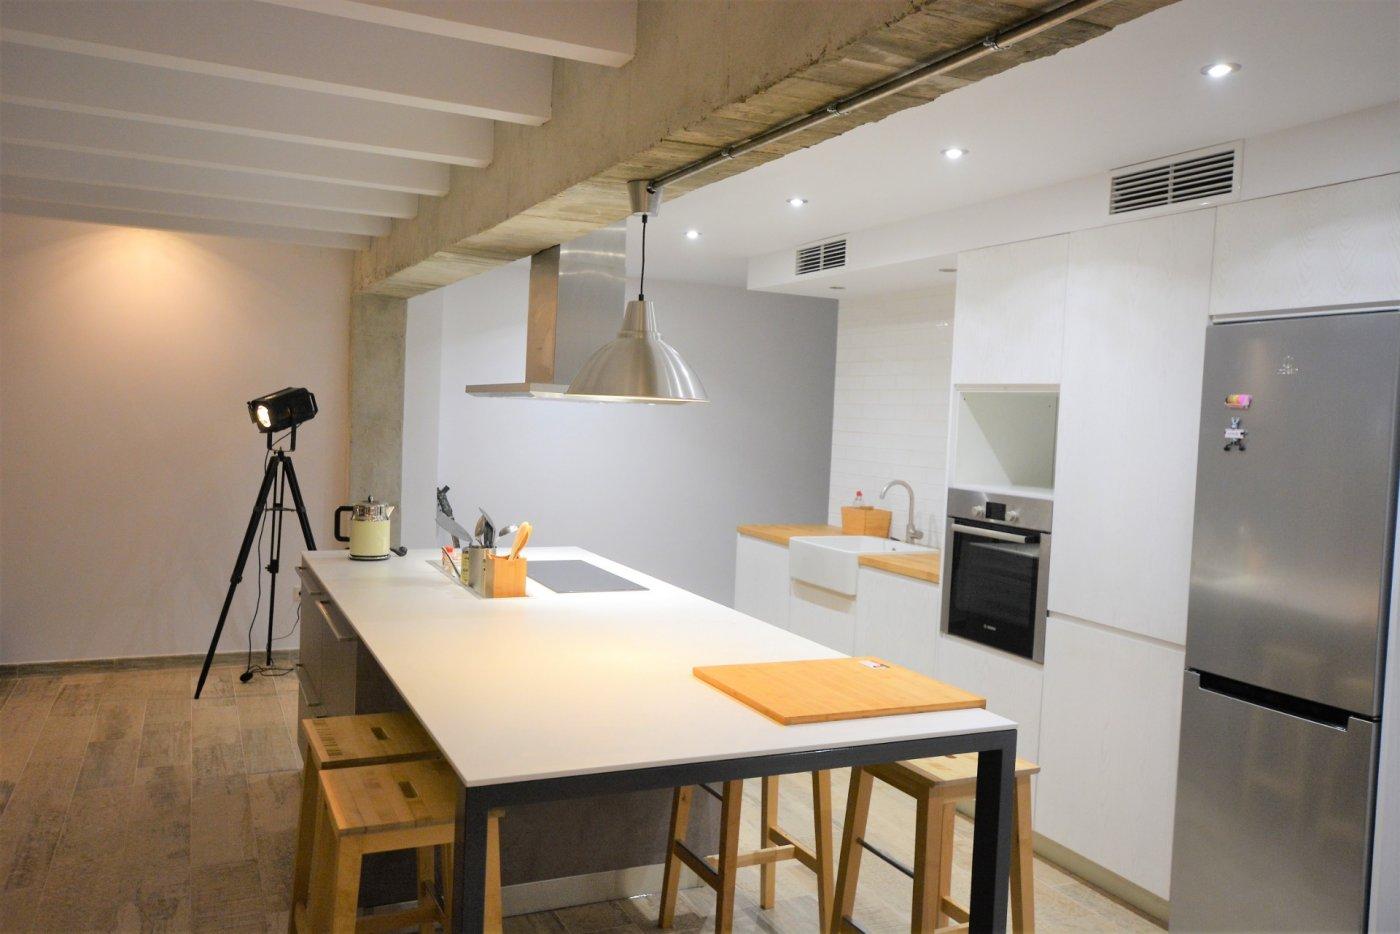 Increíble piso recientemente reformado. - imagenInmueble8